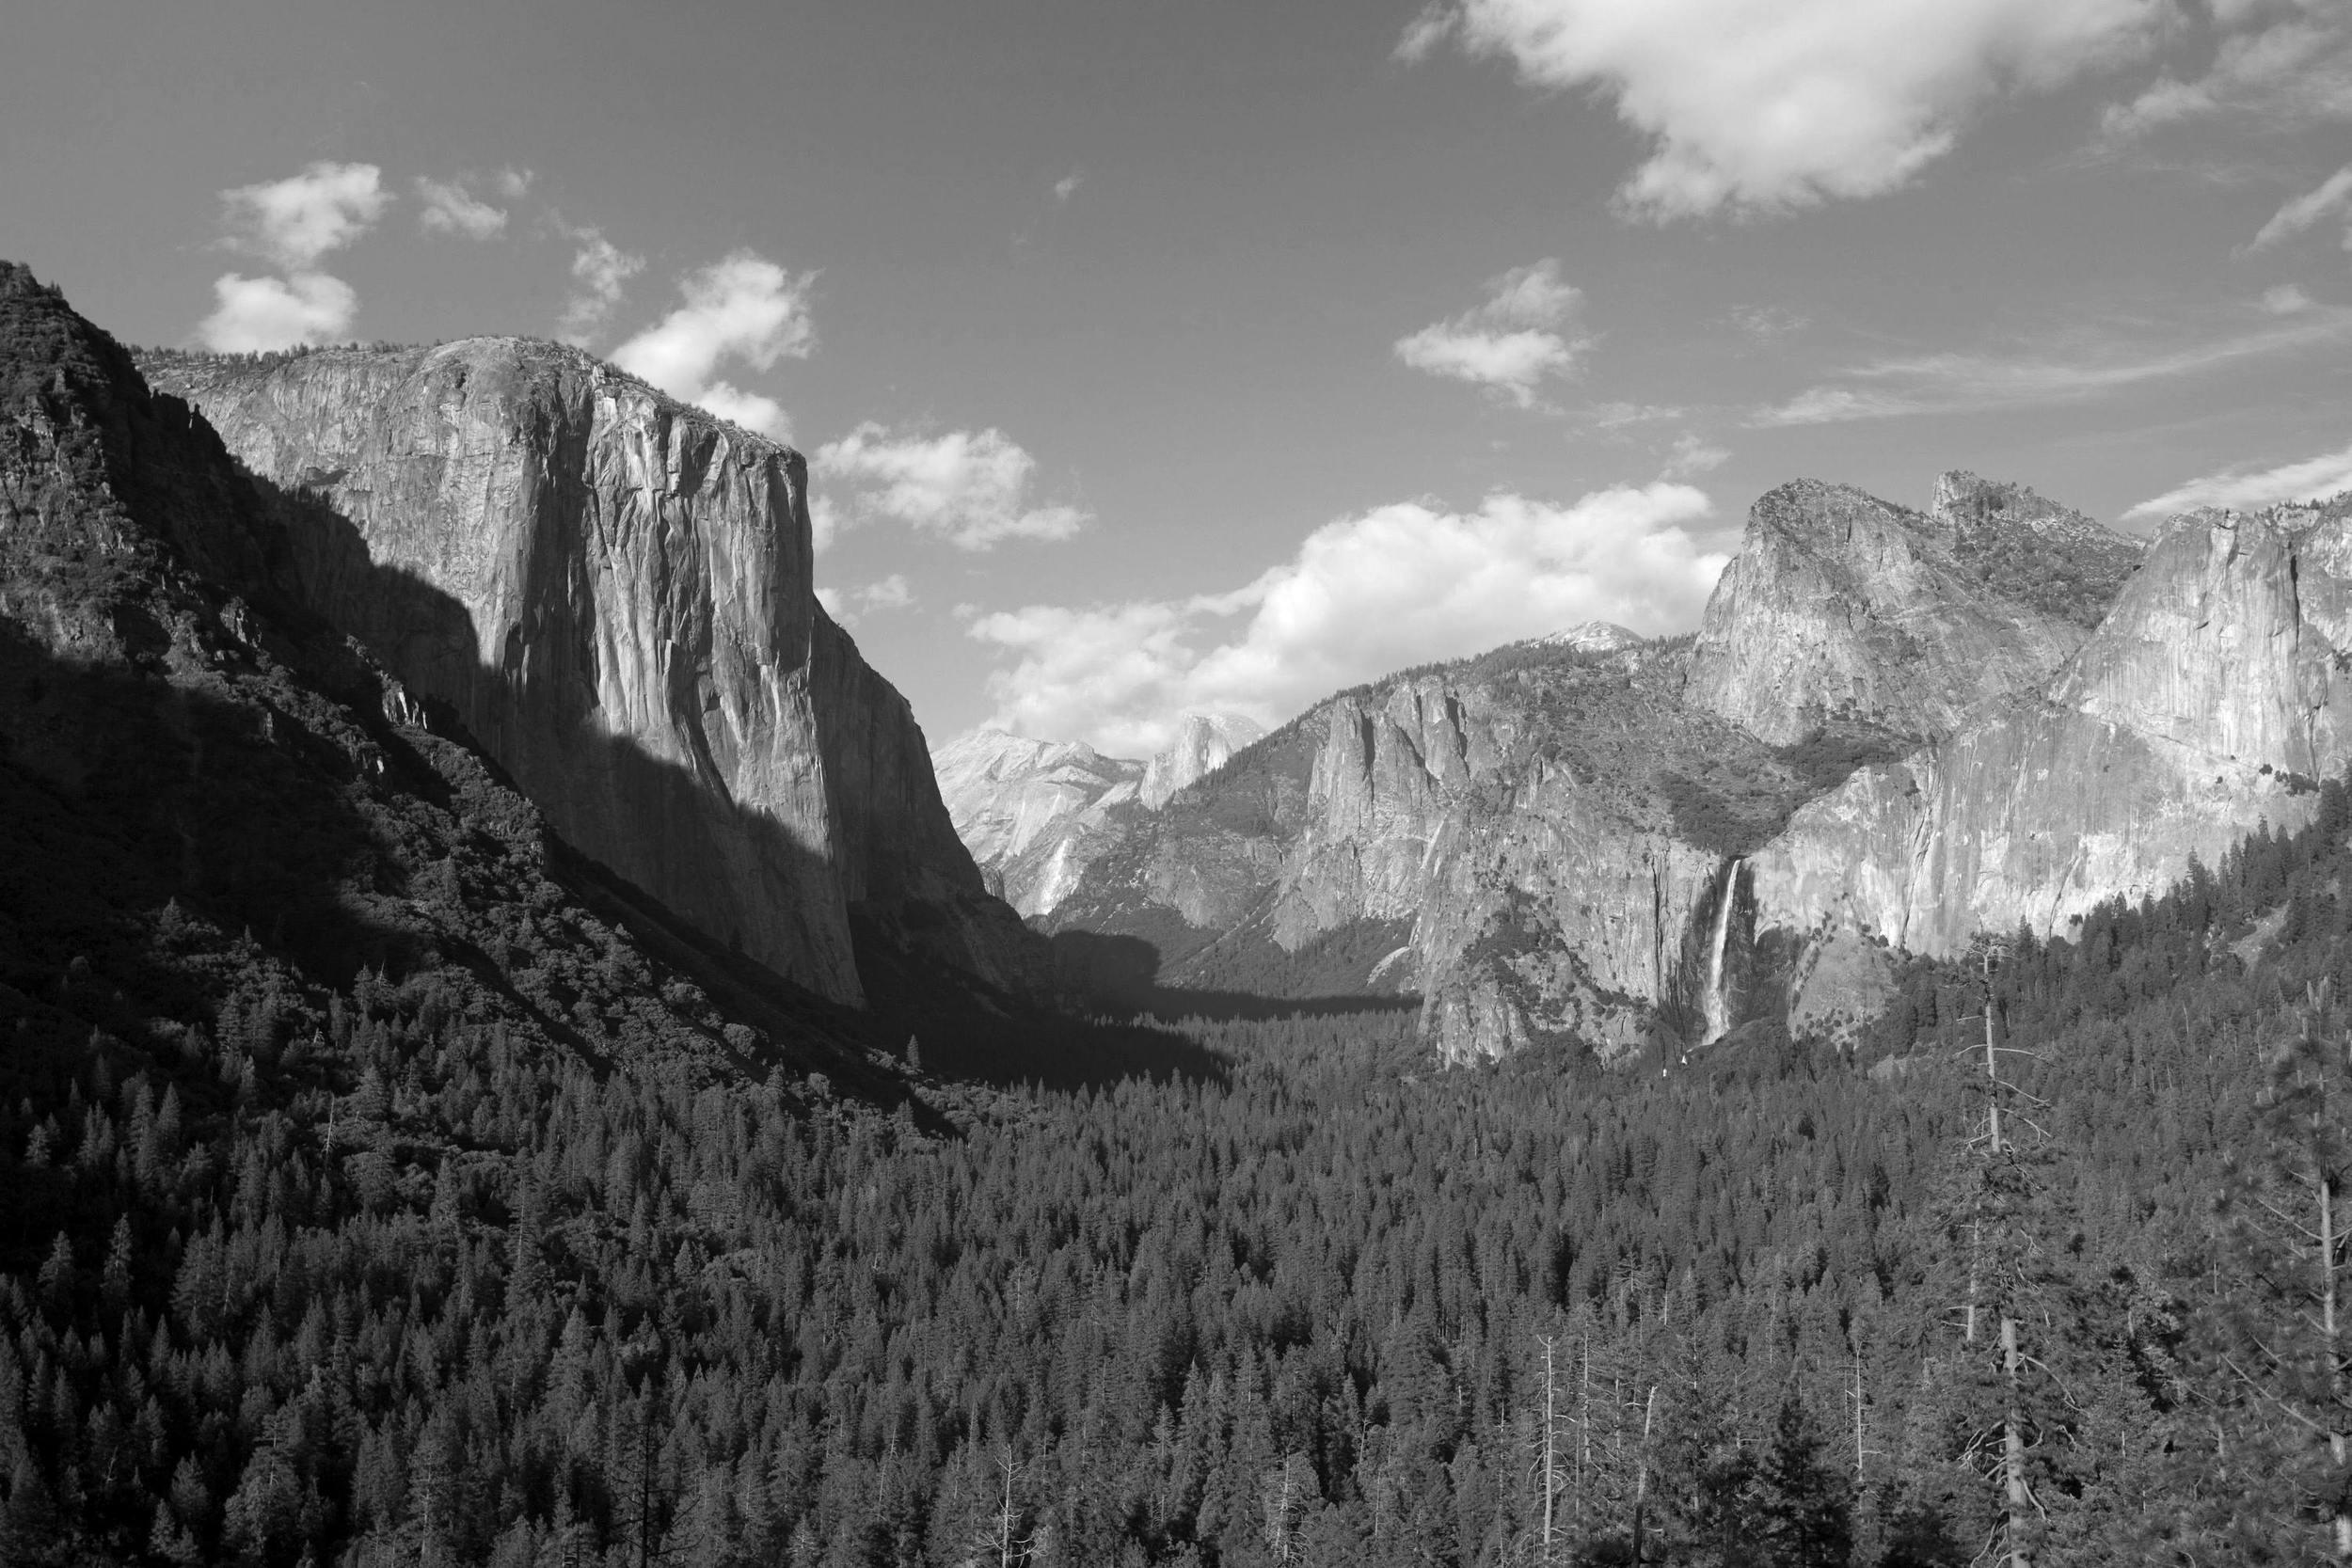 Yosemite B&W samples0.jpg